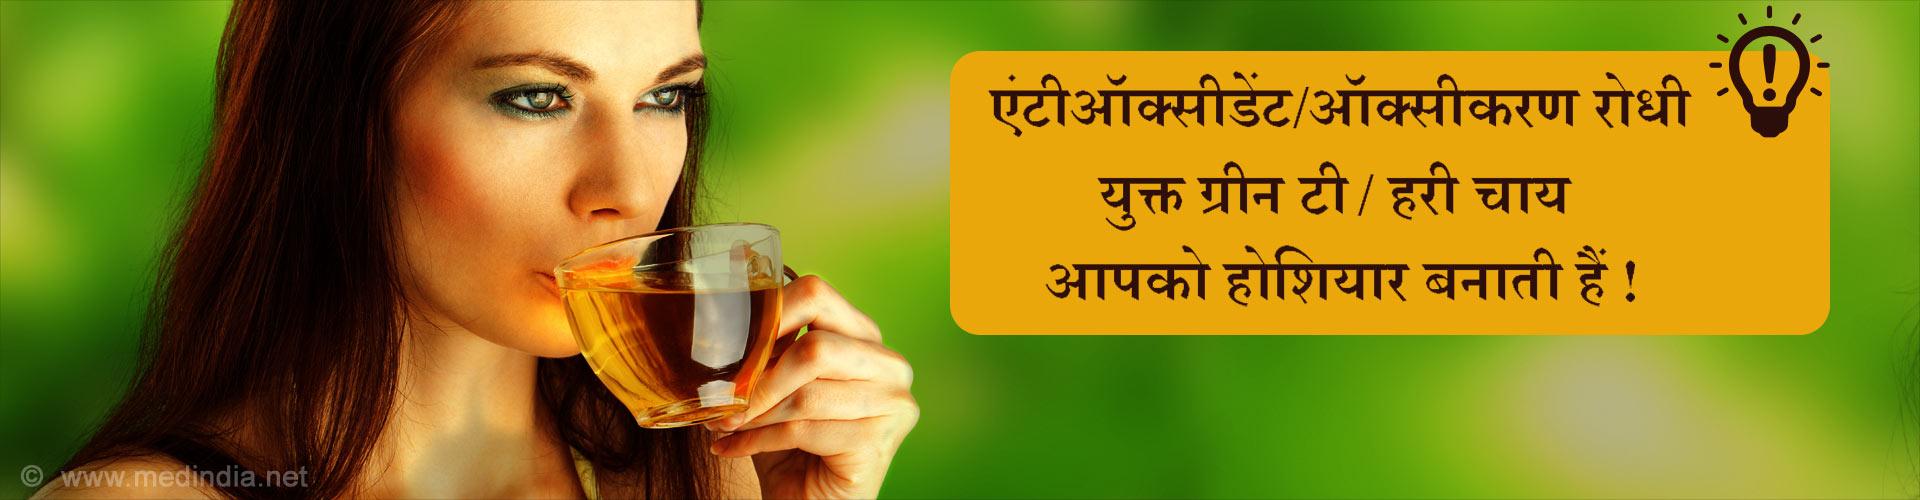 एंटीऑक्सीडेंट/ऑक्सीकरण रोधी युक्त ग्रीन टी/ हरी चाय, आपको होशियार बनाती हैं !